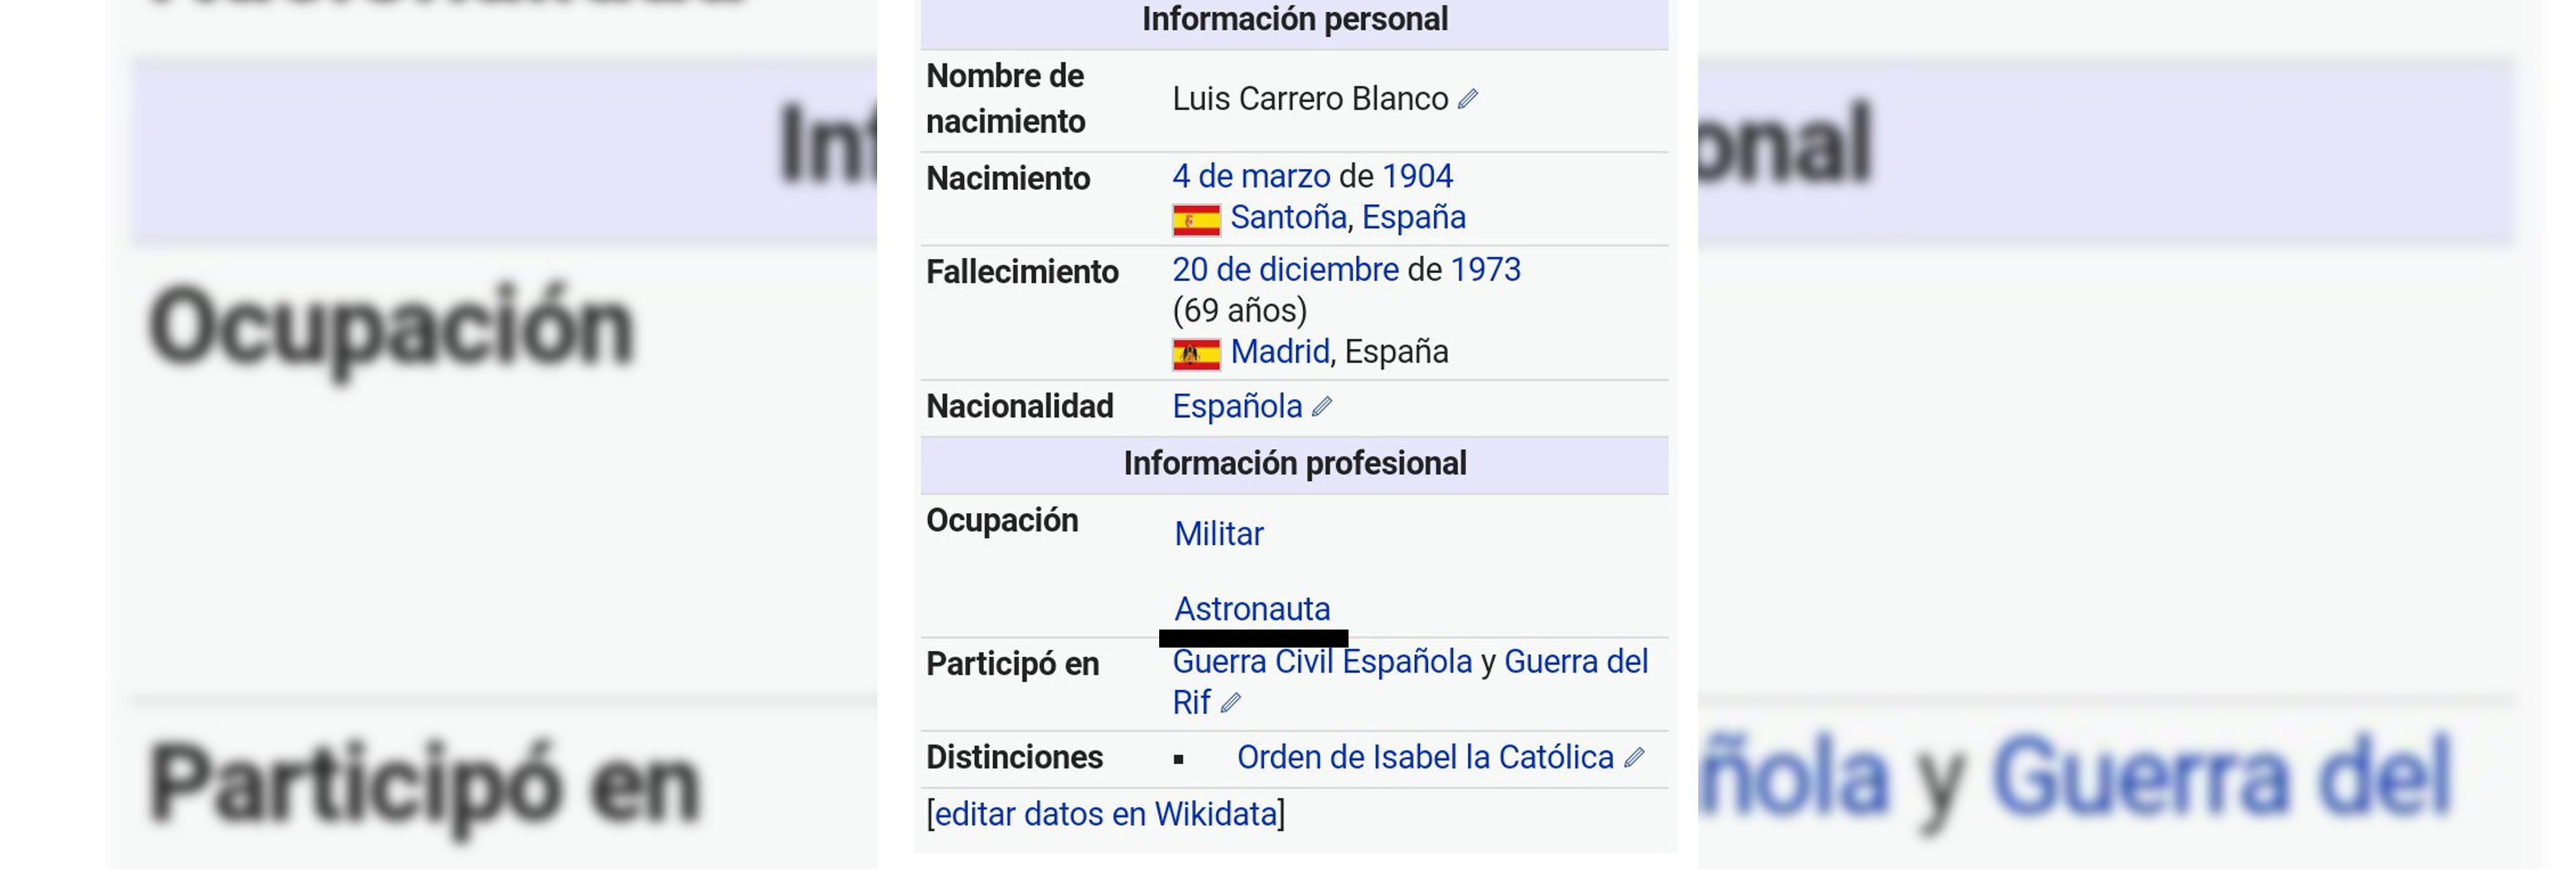 Trolean la Wikipedia y convierten a  Carrero Blanco en astronauta